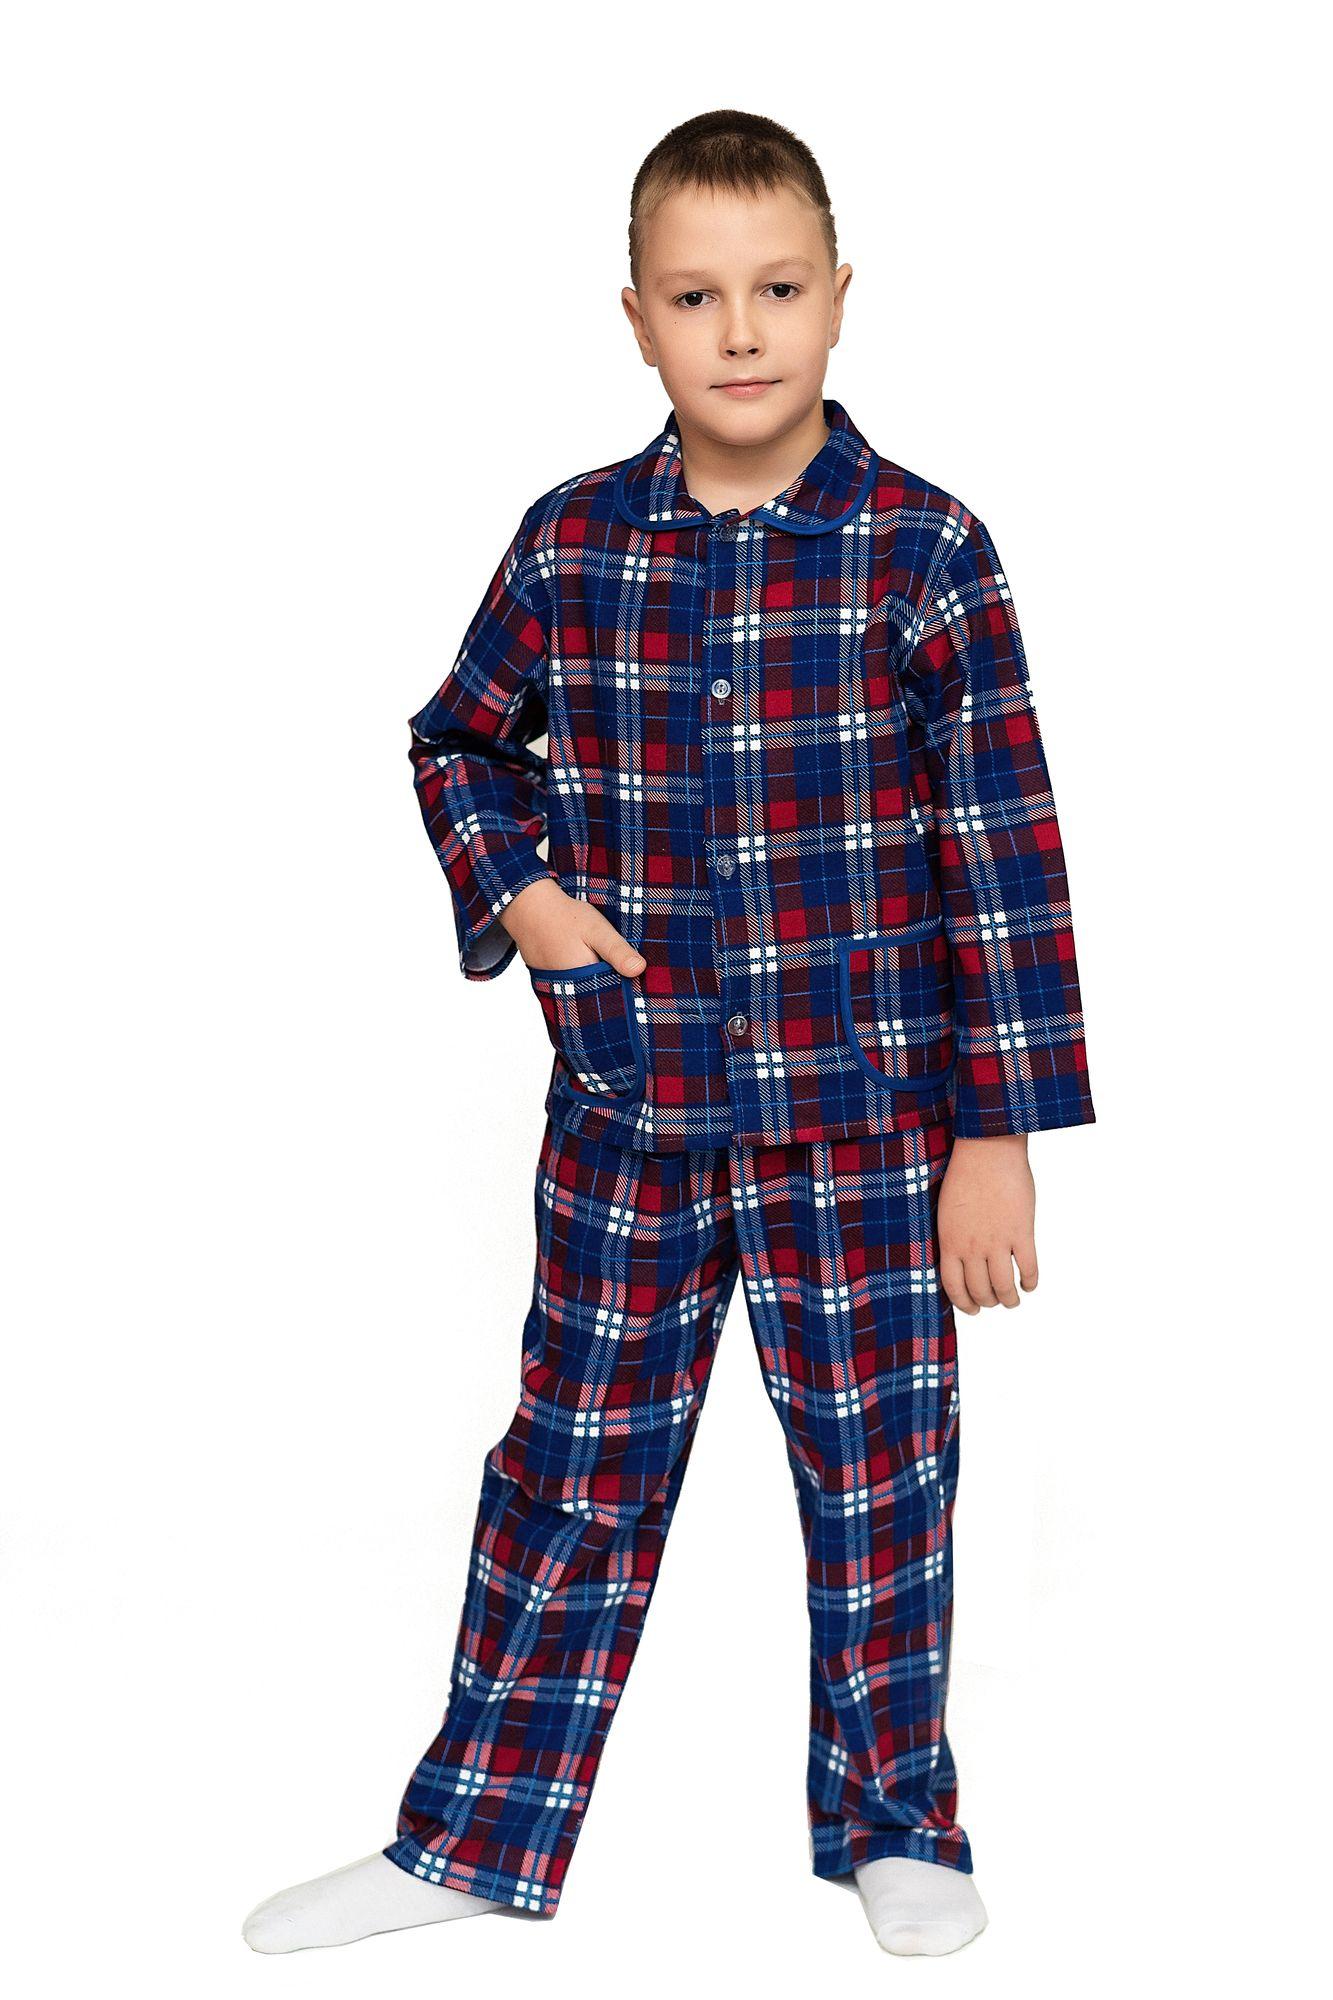 Пижама для мальчика, модель 307, фланель (Клетка, вид 3)